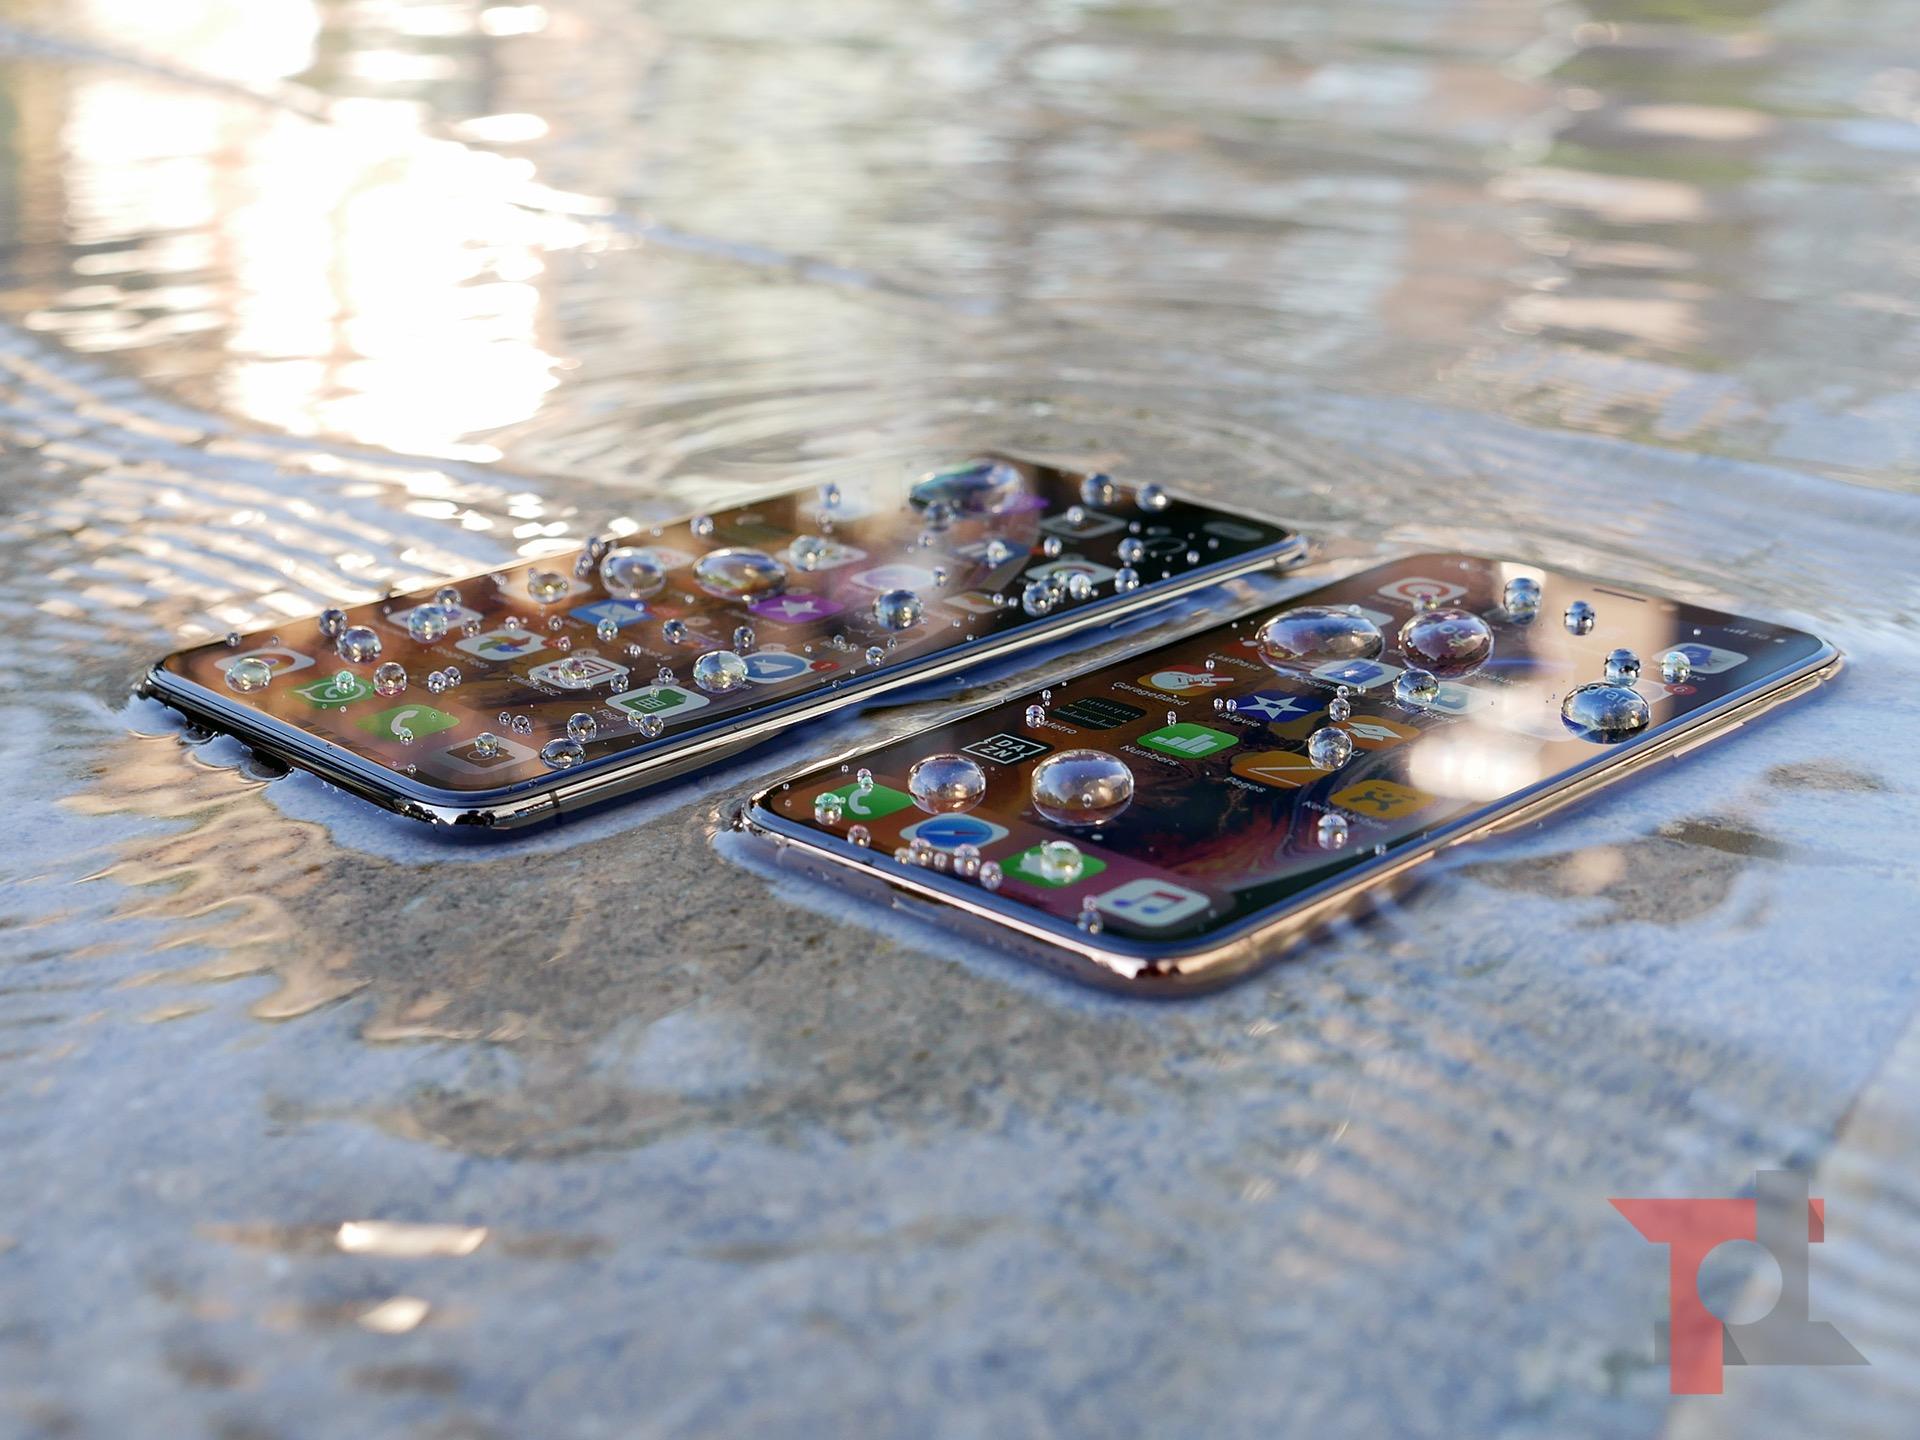 Recensione iPhone Xs Max e iPhone Xs: i giusti miglioramenti per una variante S 1